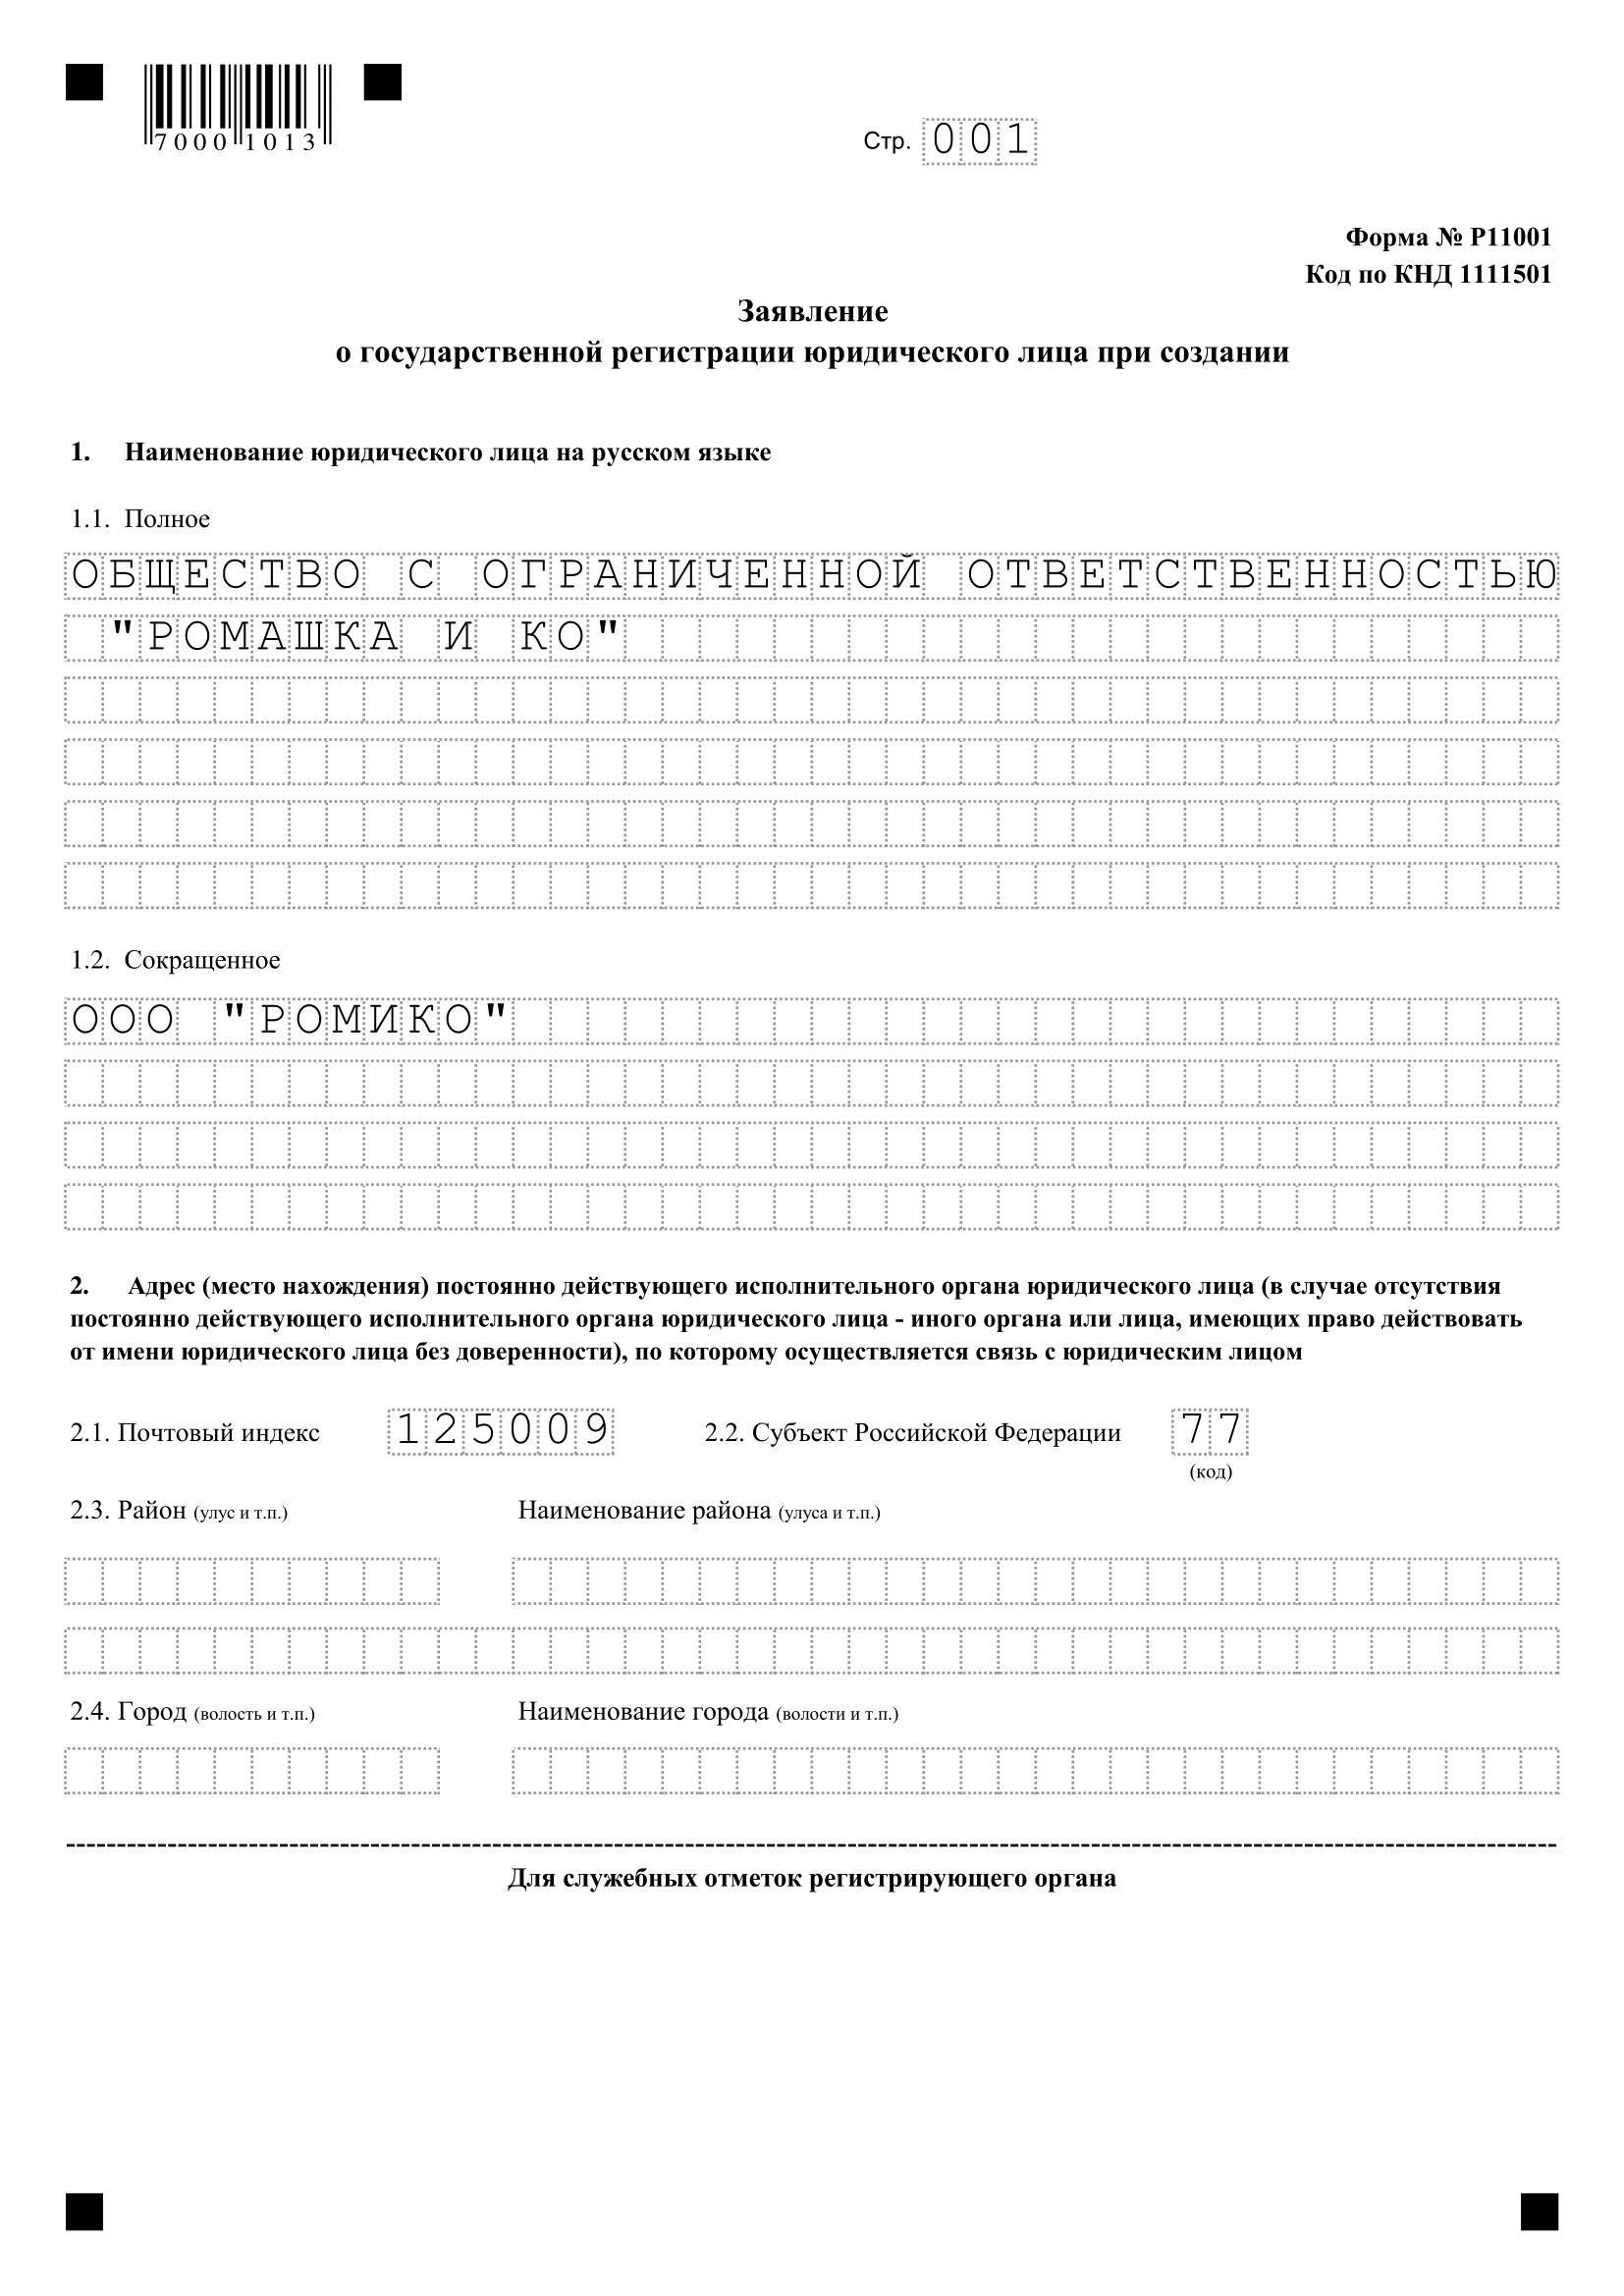 стоимость бухгалтерского обслуживания екатеринбург